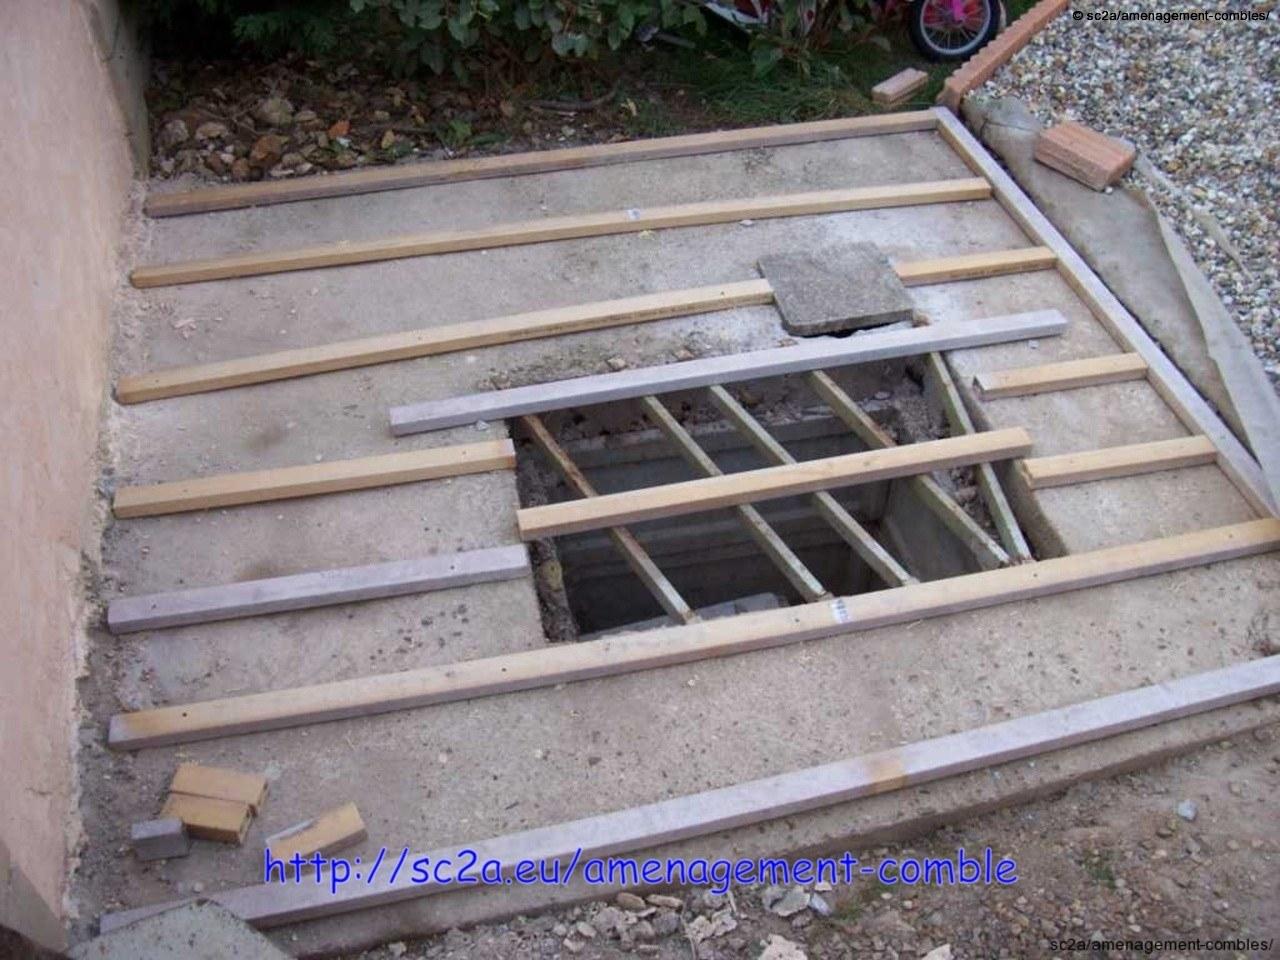 Terrasse bois pose des lambourdes diverses id es de conception - Terrasse bois lambourdes ...